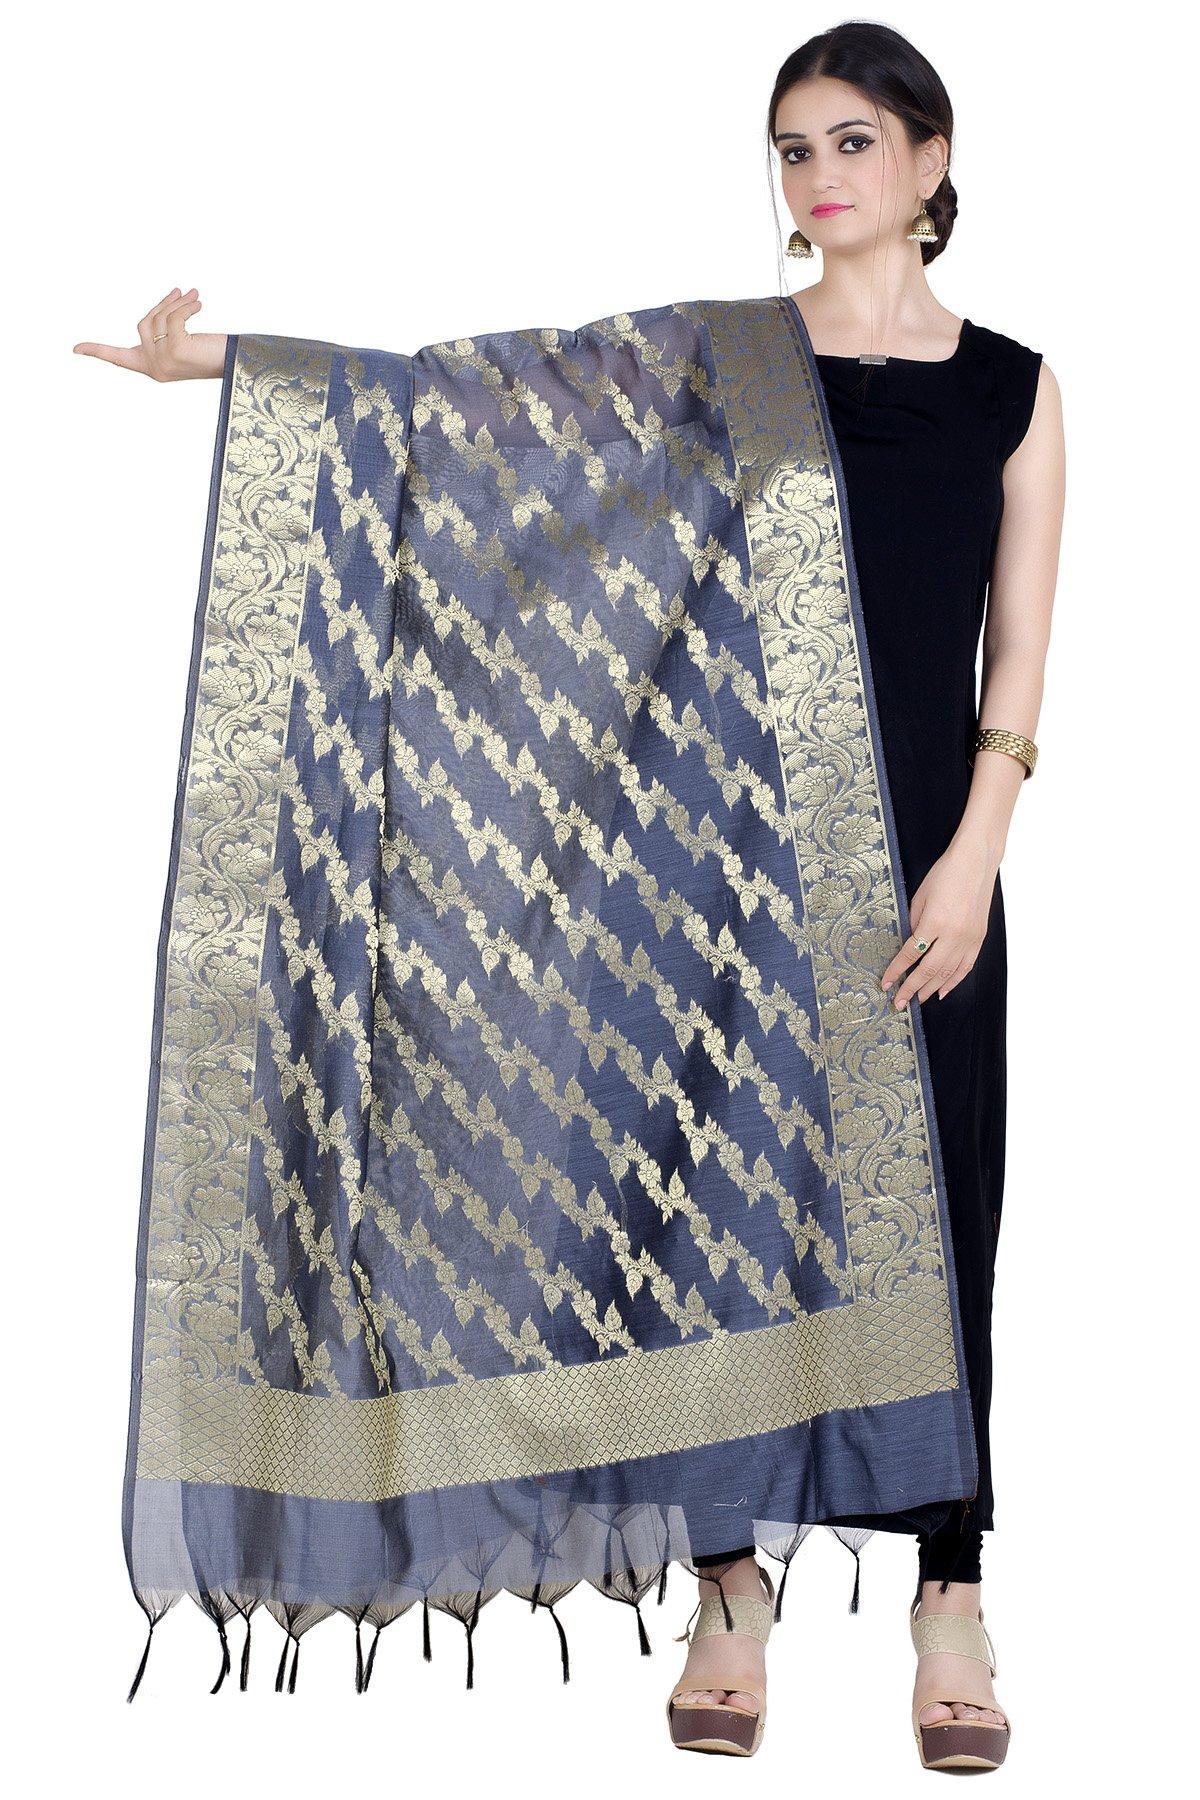 Chandrakala Women's Handwoven Zari Work Banarasi Dupatta Stole Scarf (Gray)